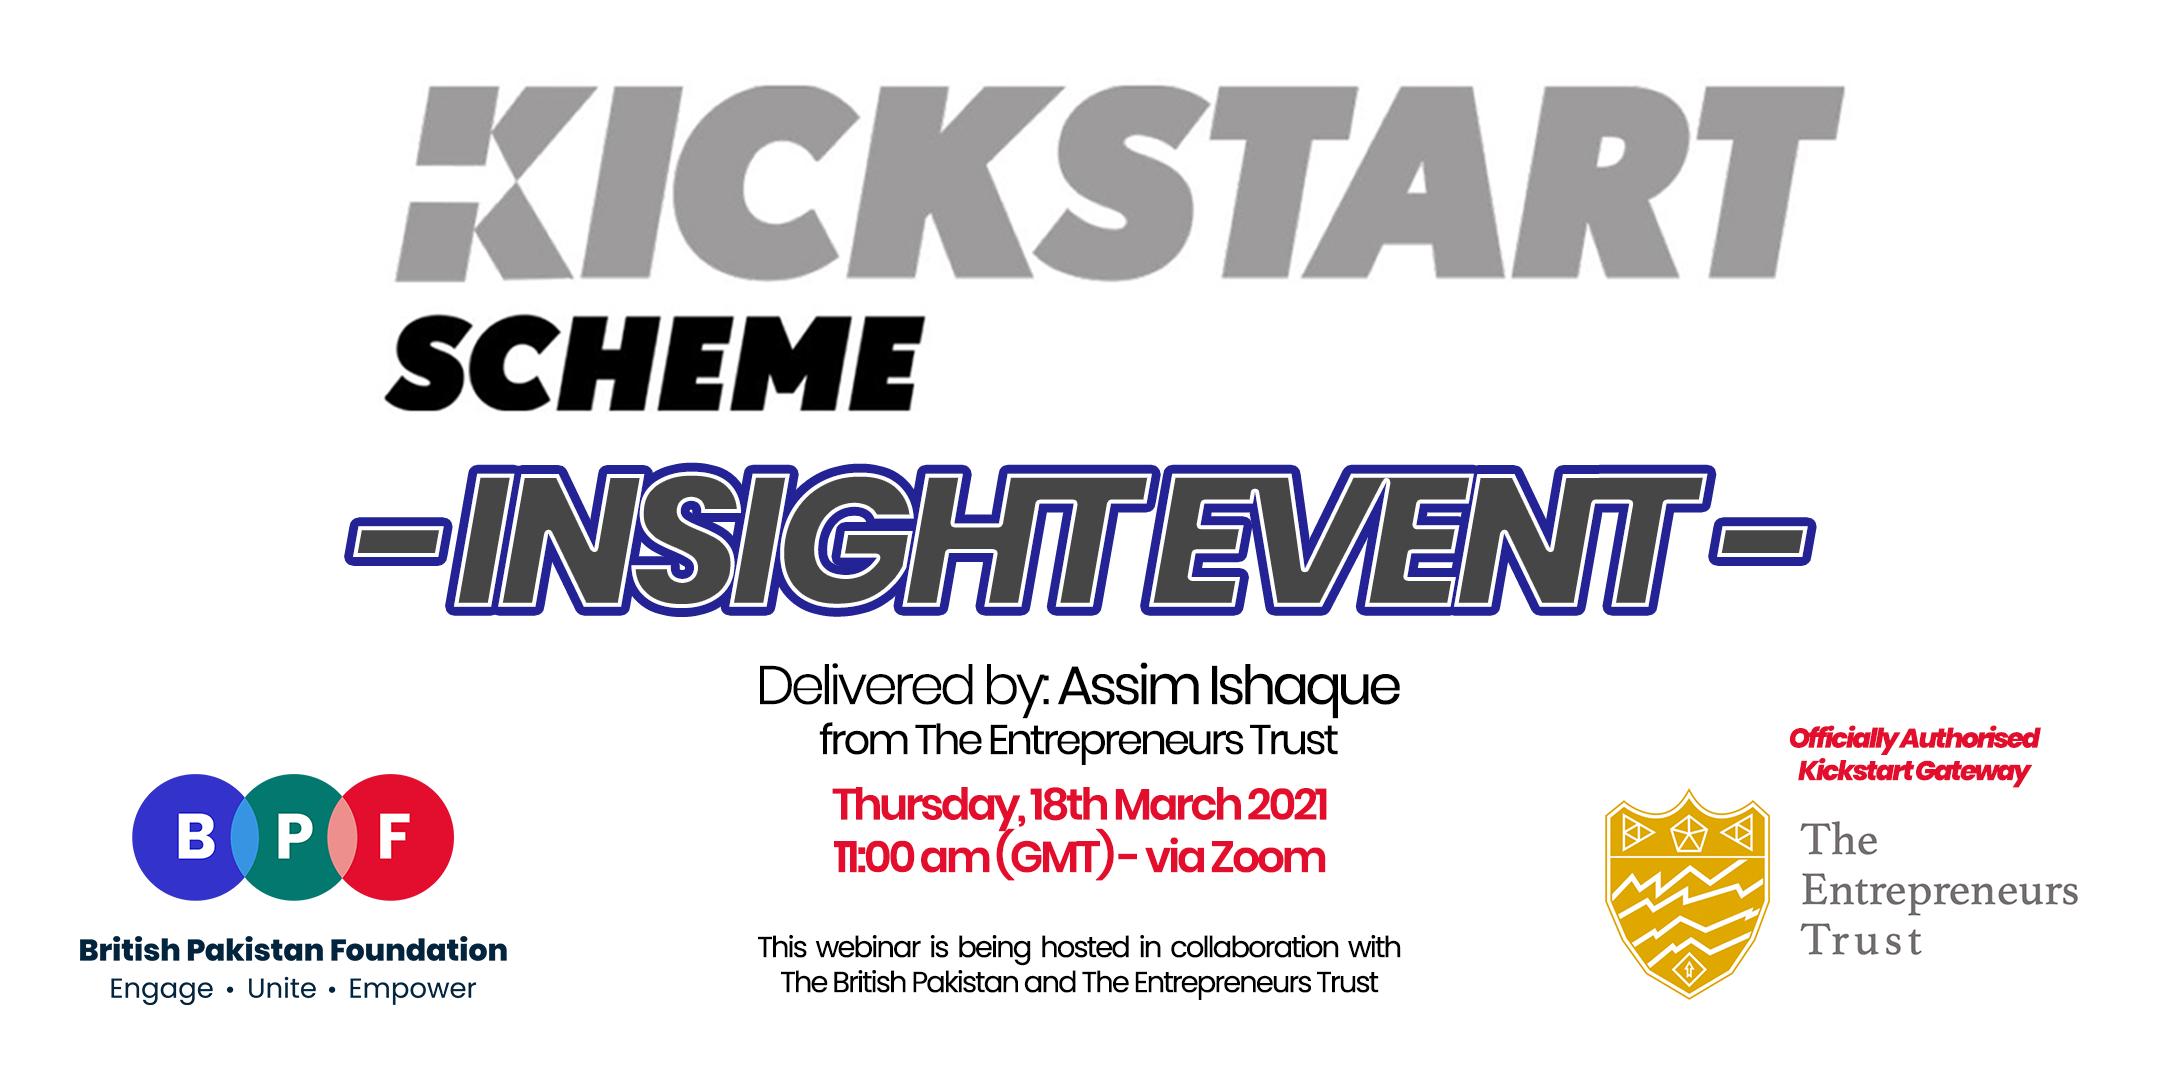 Kickstart Scheme Insight Event